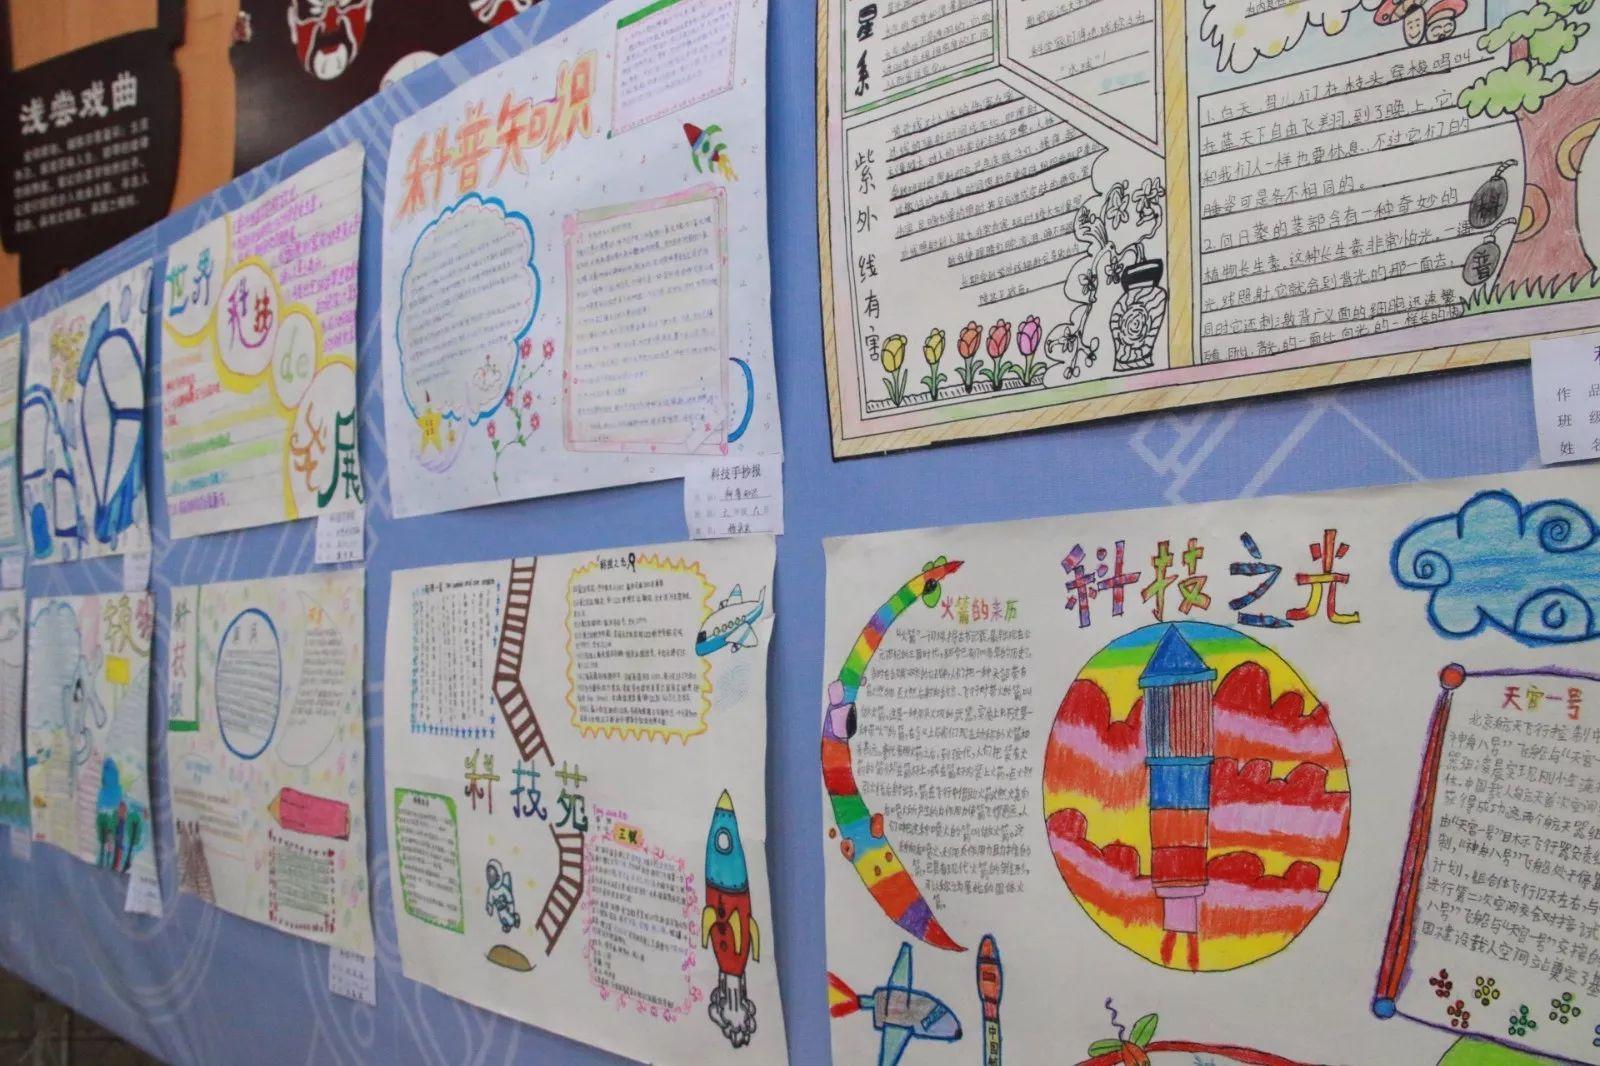 中国梦 科学梦 我的梦——记通川区七小第十八届科技周